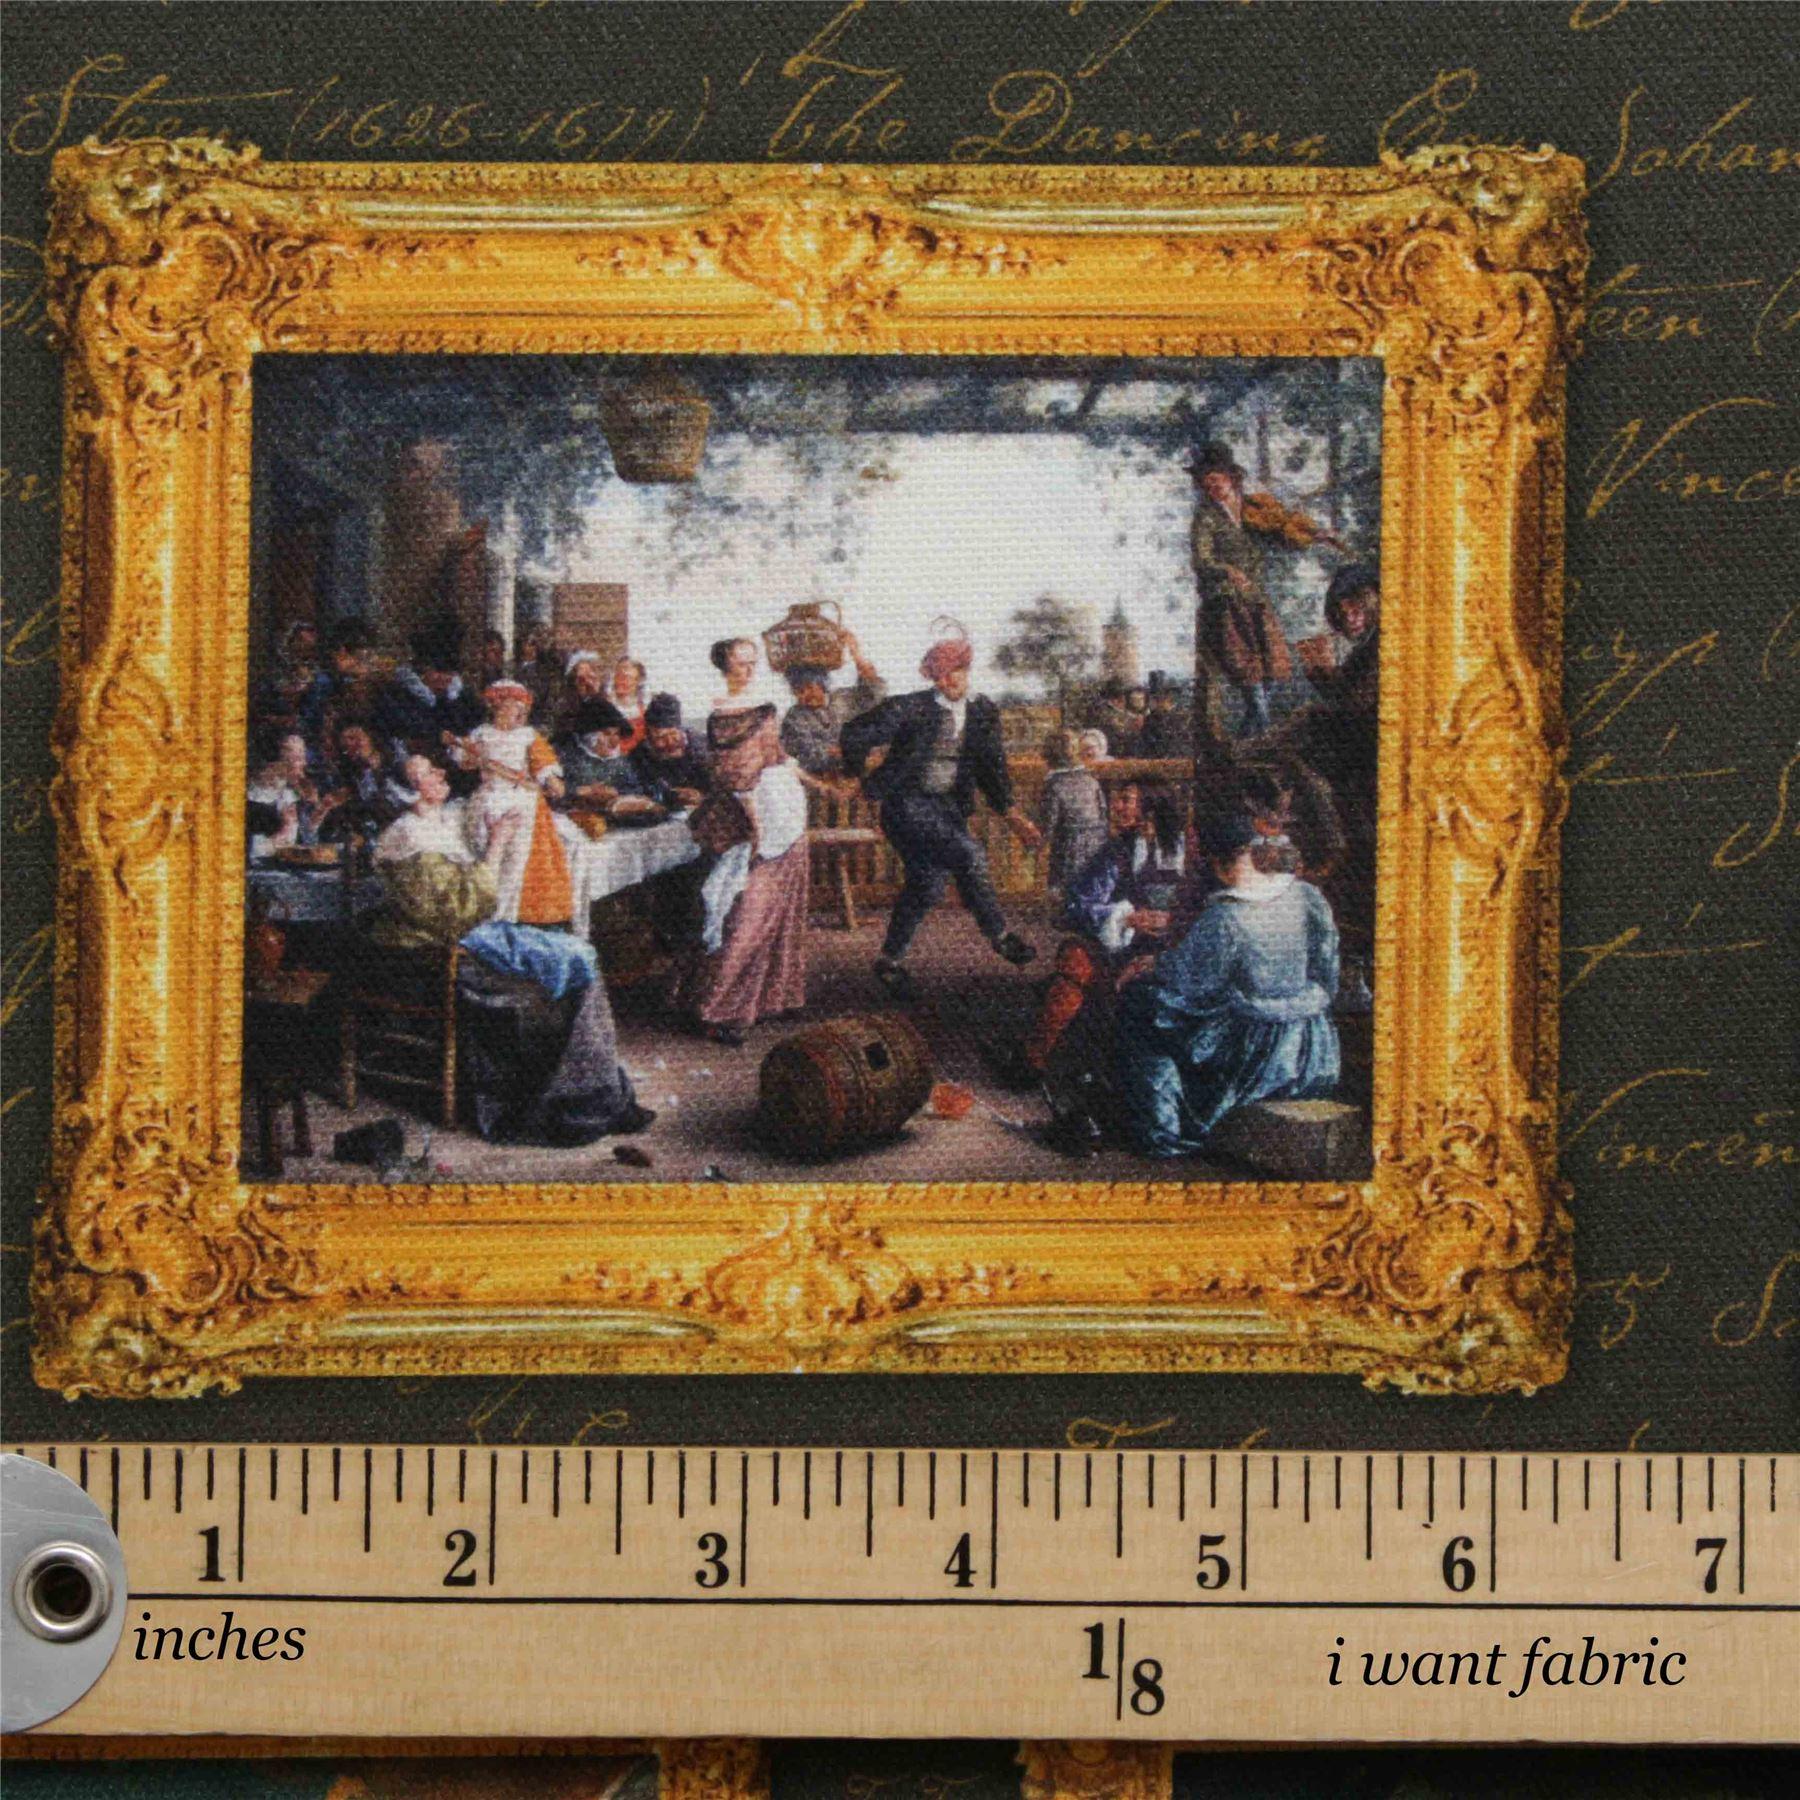 VINTAGE SHABBY SCRIPT FULL COLOUR DIGITAL PRINT 100  : c049218f ac1d 4354 ba9c b3df2863c791 from www.ebay.com size 1800 x 1800 jpeg 544kB